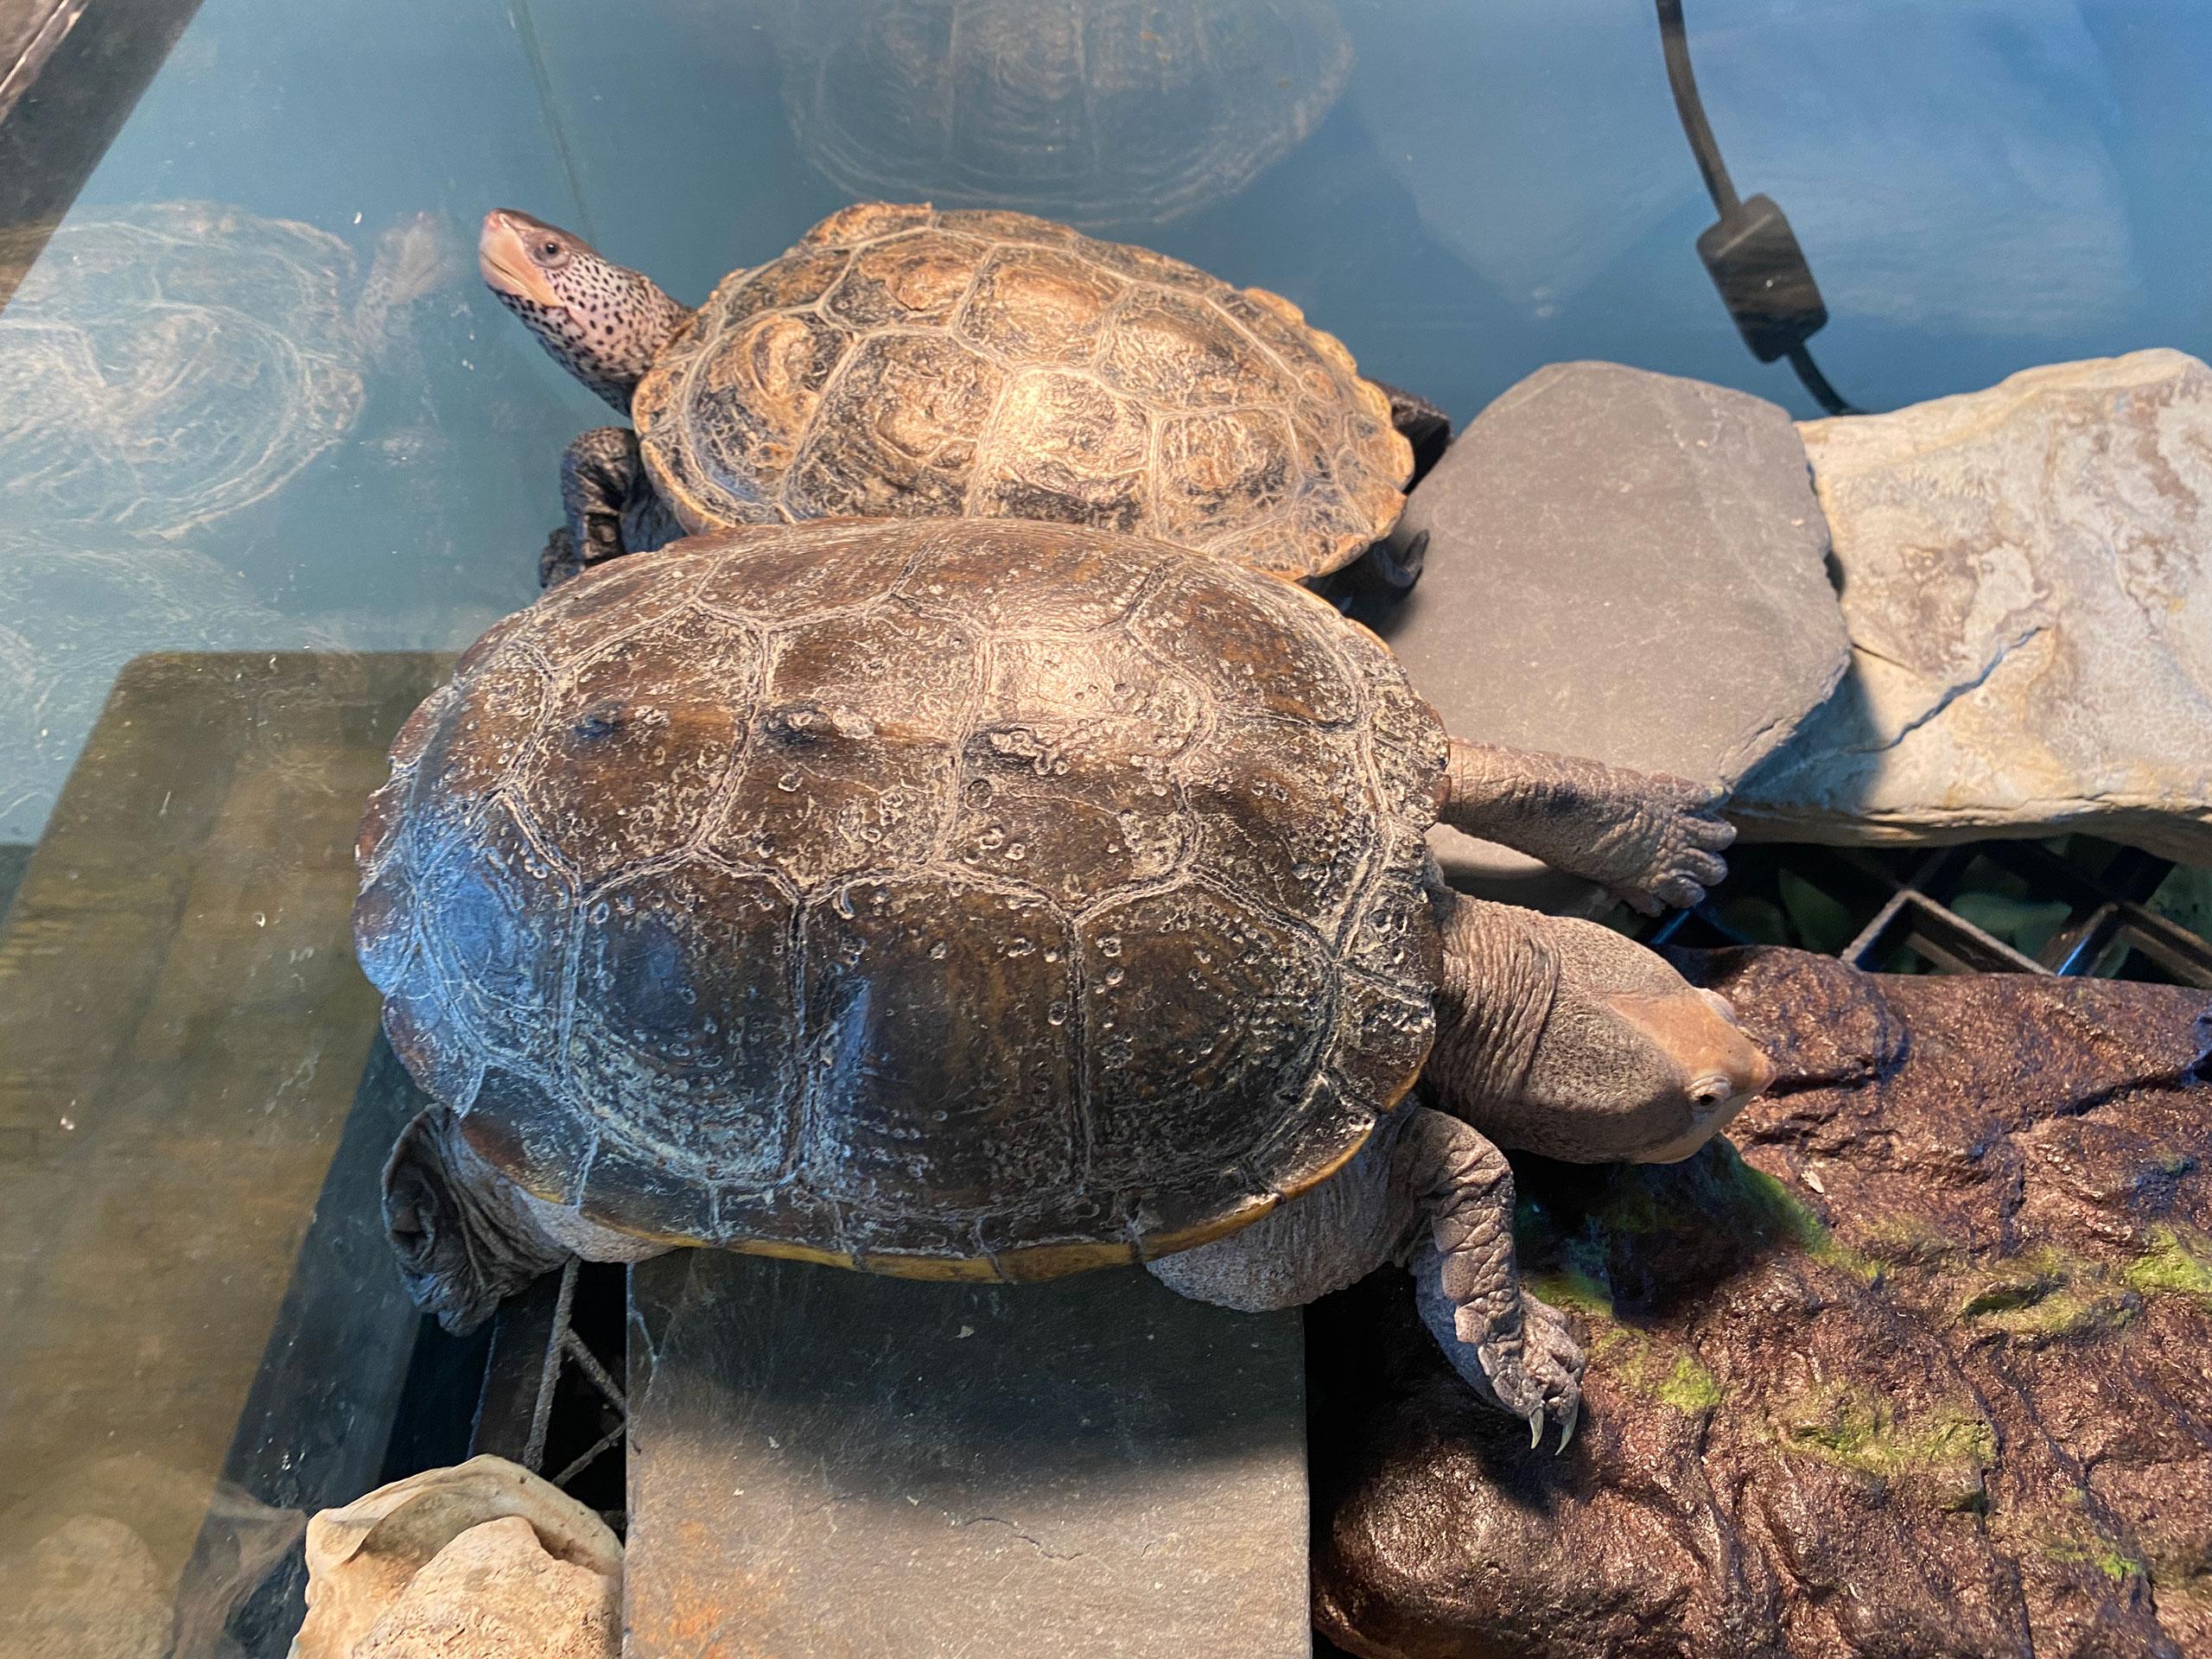 Terrapin turtles crawl around on rocks in their tank at Hudson River Park SUBMERGE